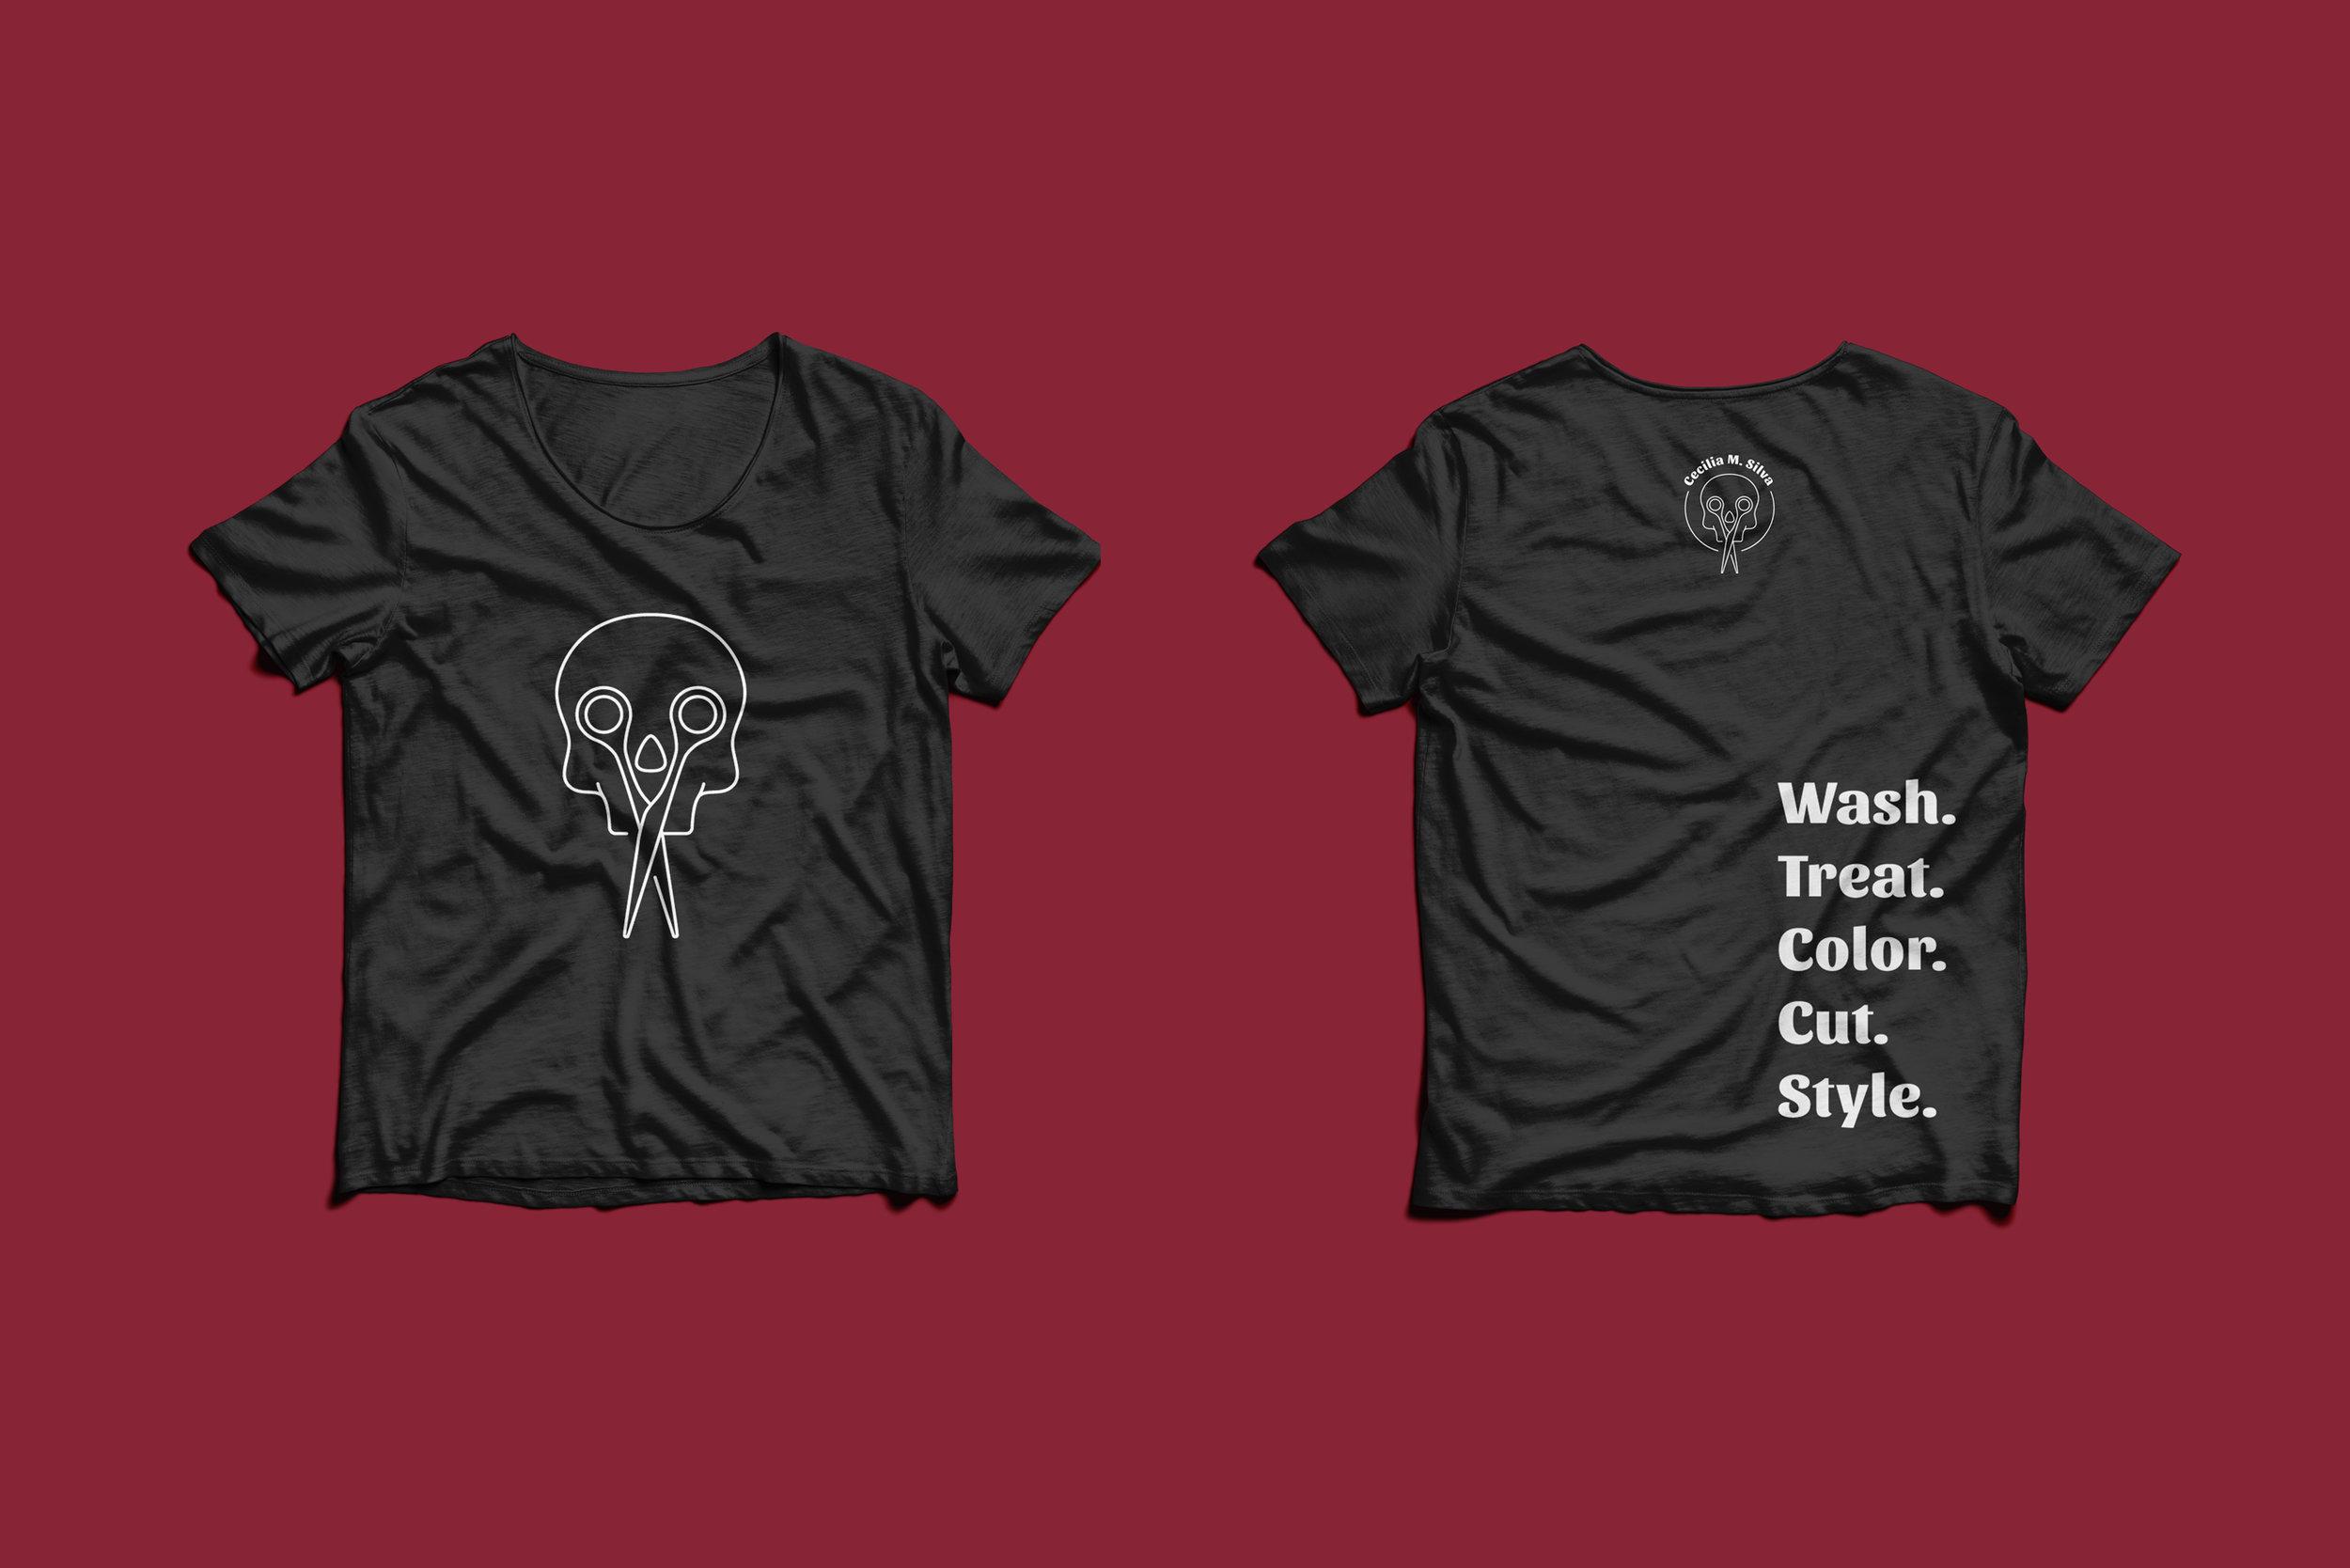 cc_tshirt.jpg